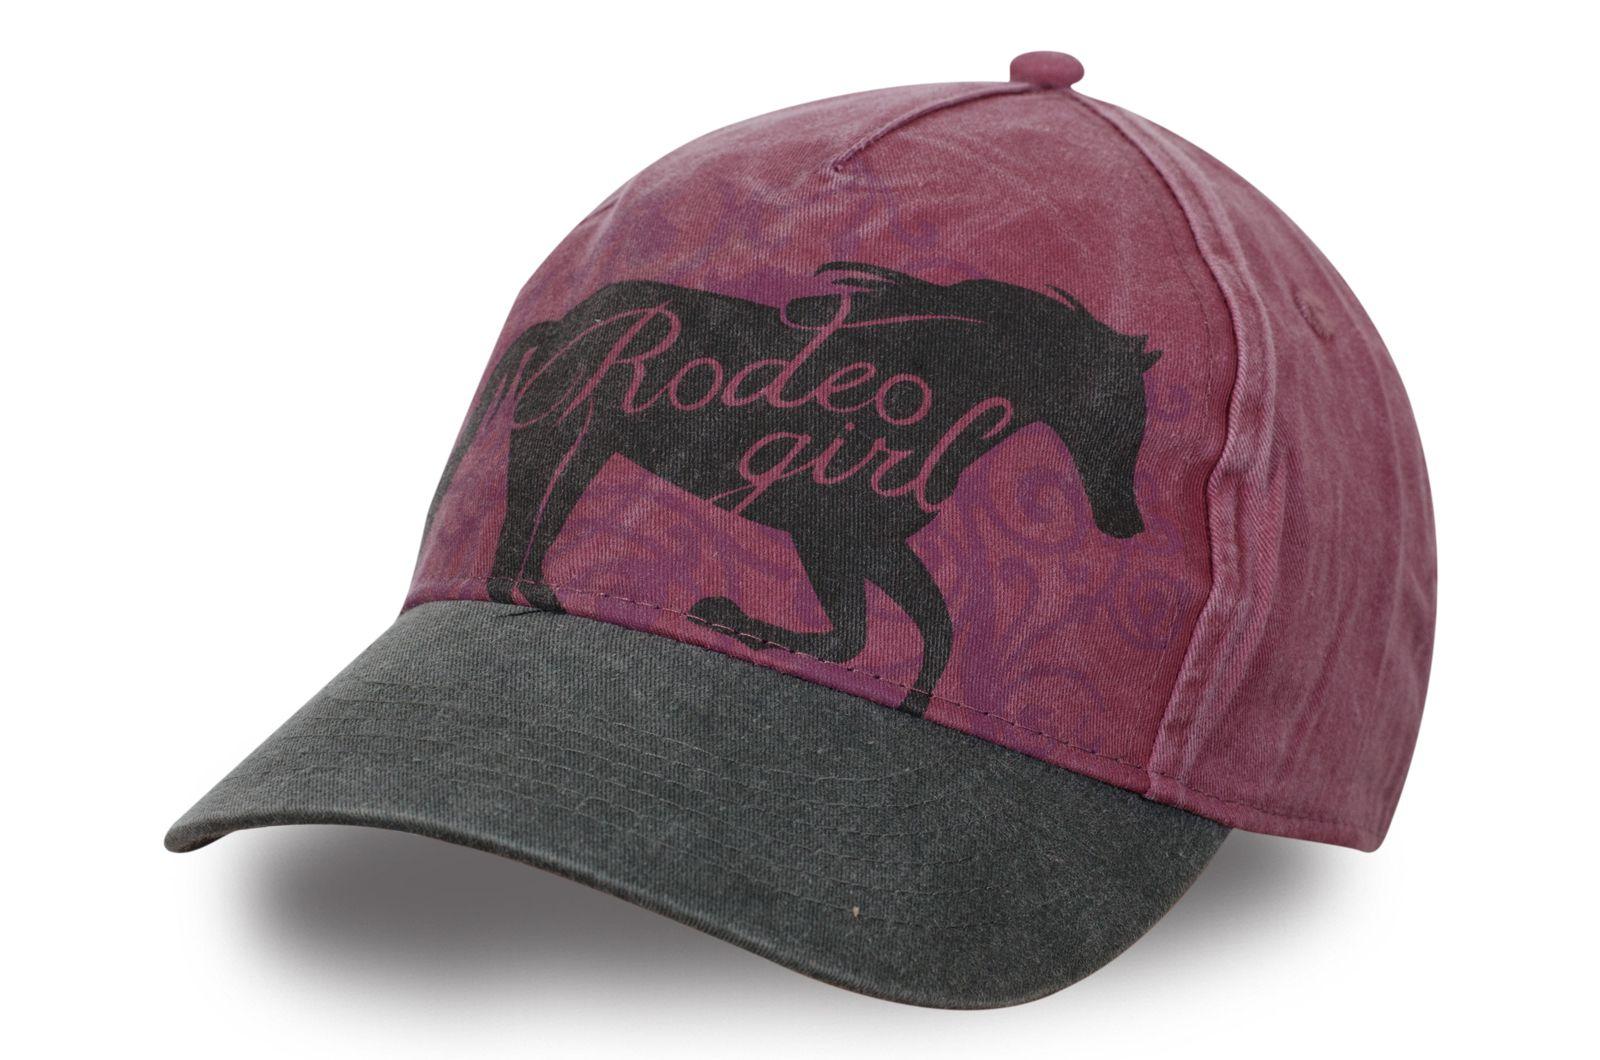 Женская бейсболка Rodeo - купить по цене ниже рыночной